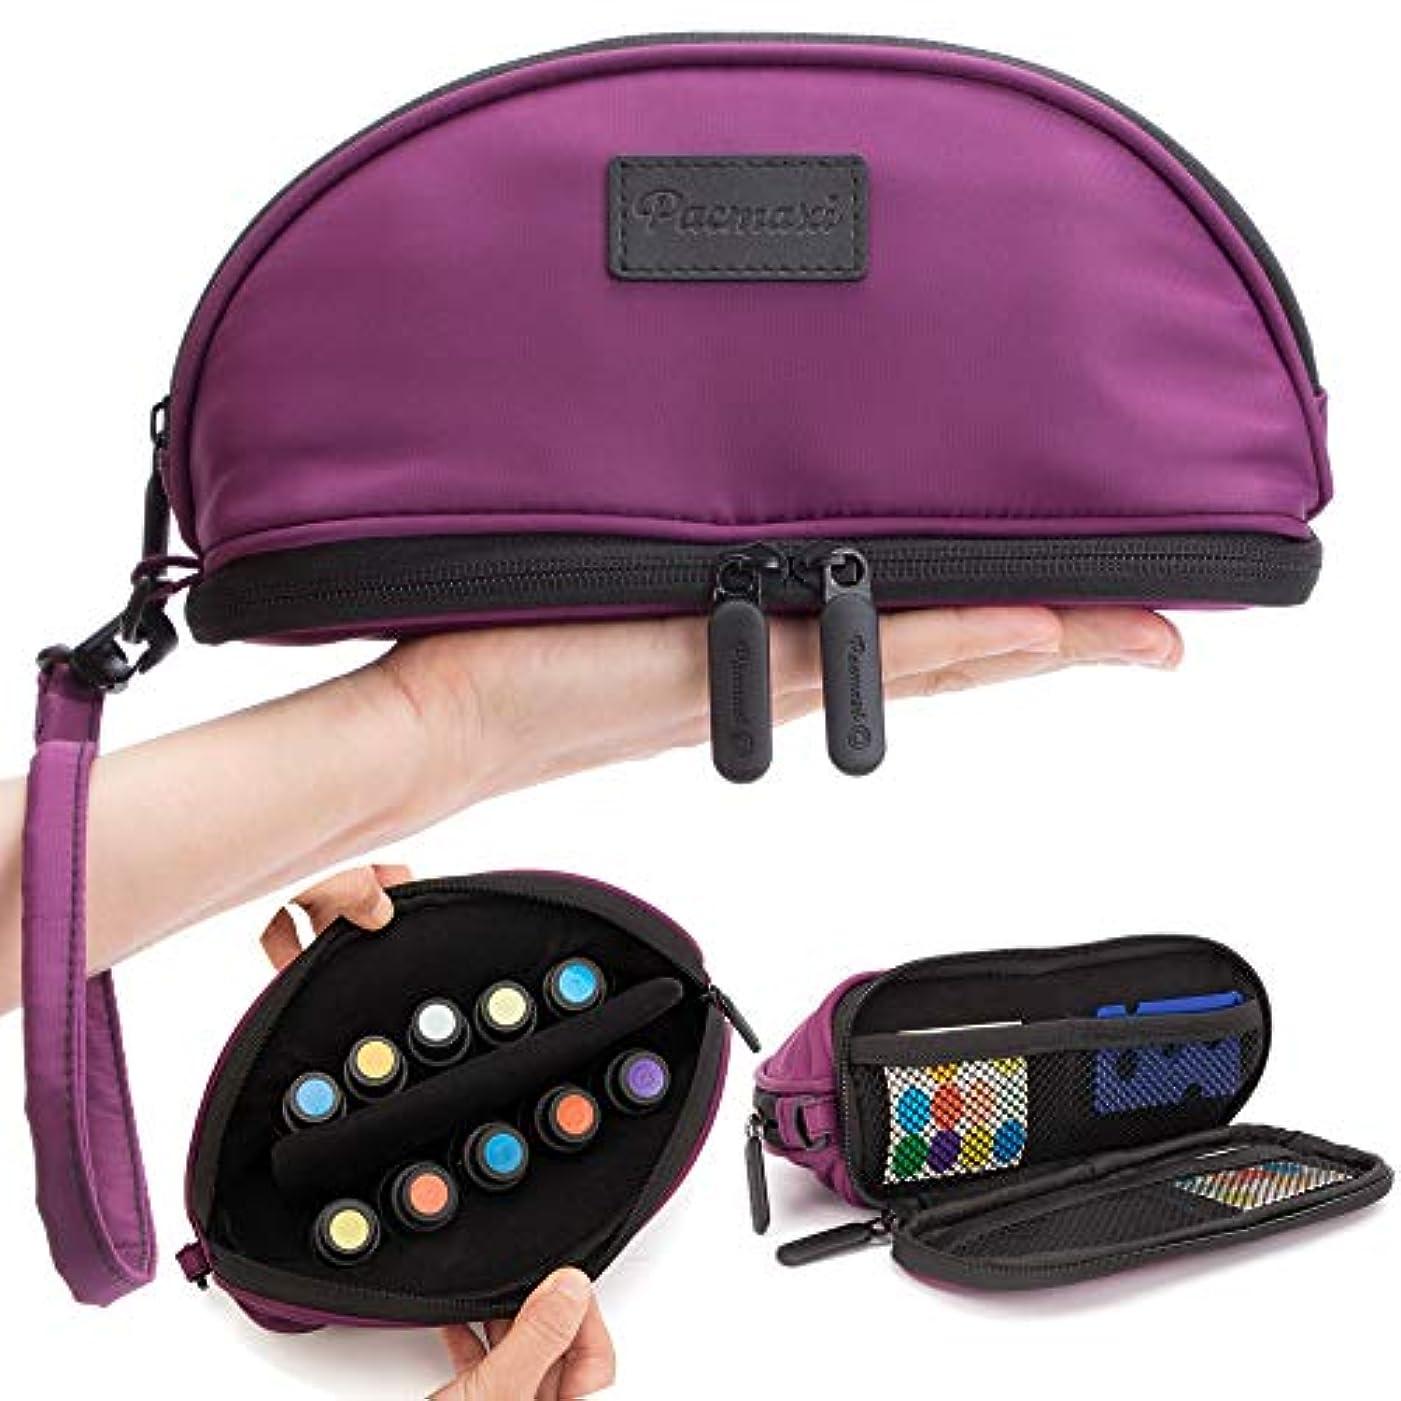 作成者シルエット義務的[Pacmaxi]エッセンシャルオイル 収納ポーチ 携帯便利 旅行 10本収納(5ml - 15ml) ナイロン製 撥水加工 ストラップあり (パープル)